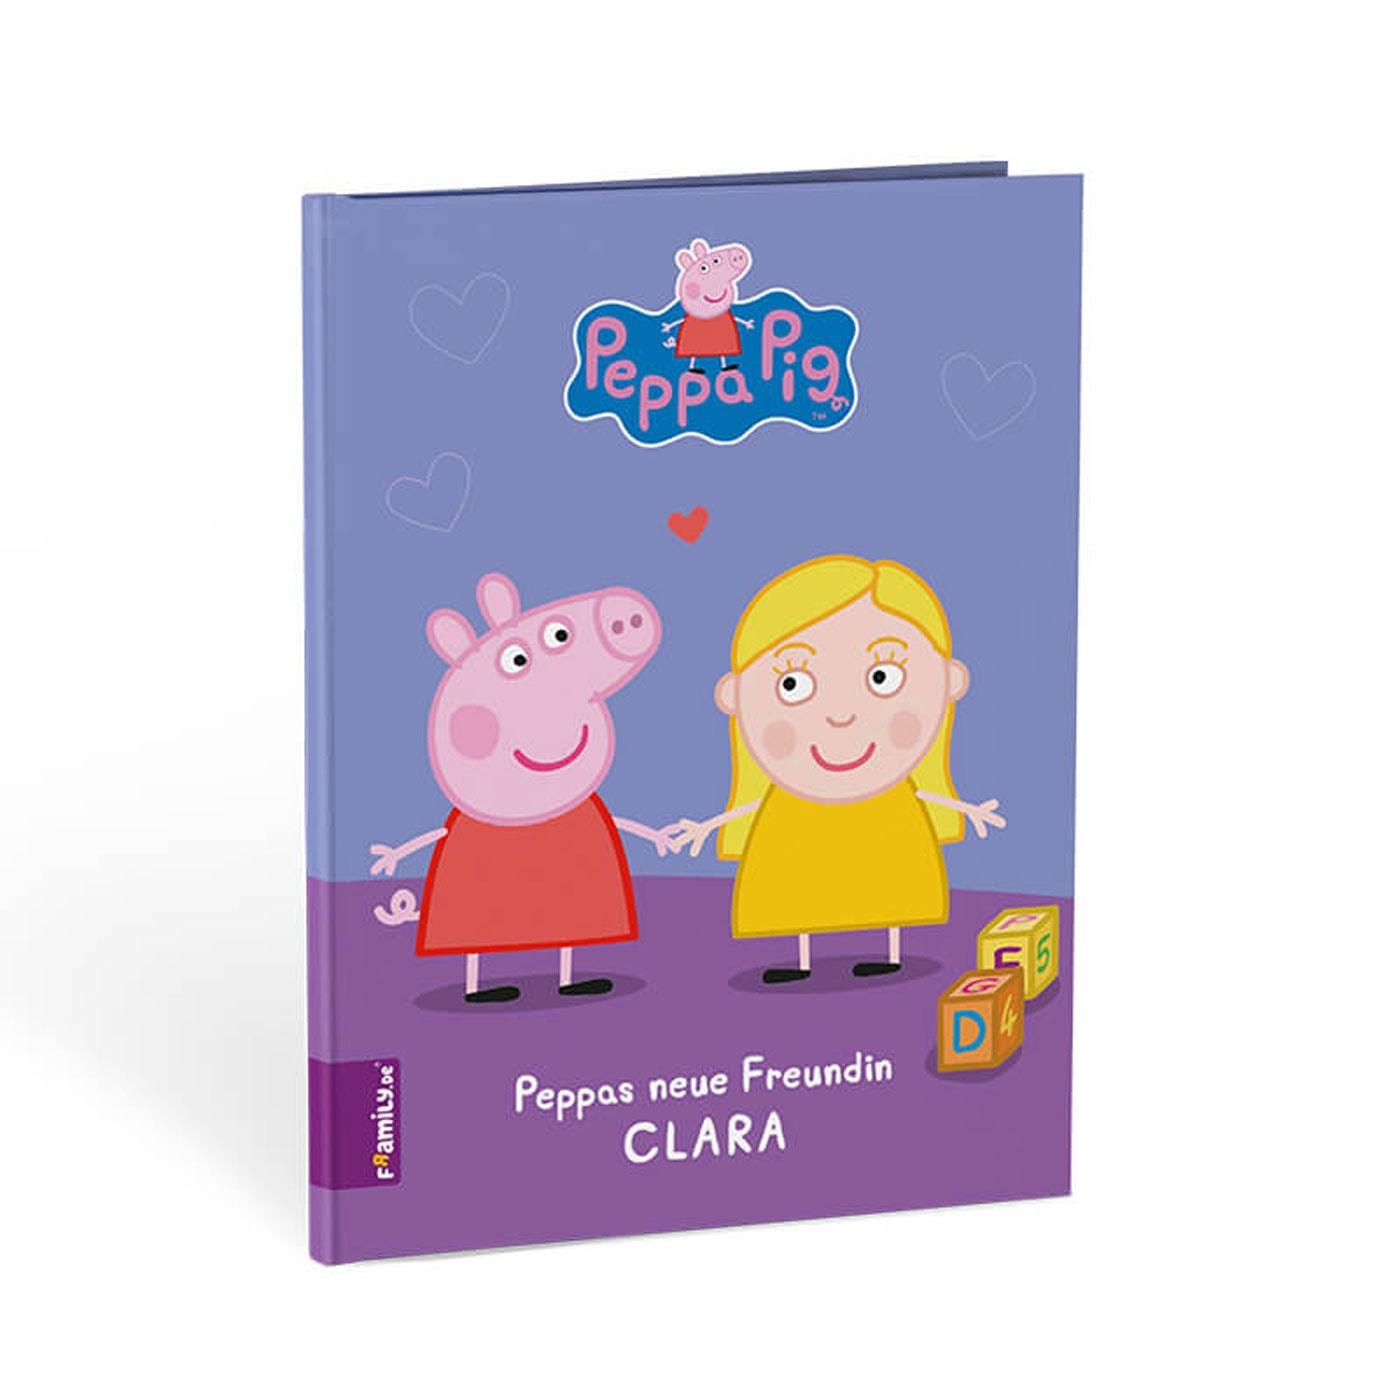 Geschenke-Tipp für Kinder: Peppa Pig Kinderbuch personalisieren // HIMBEER